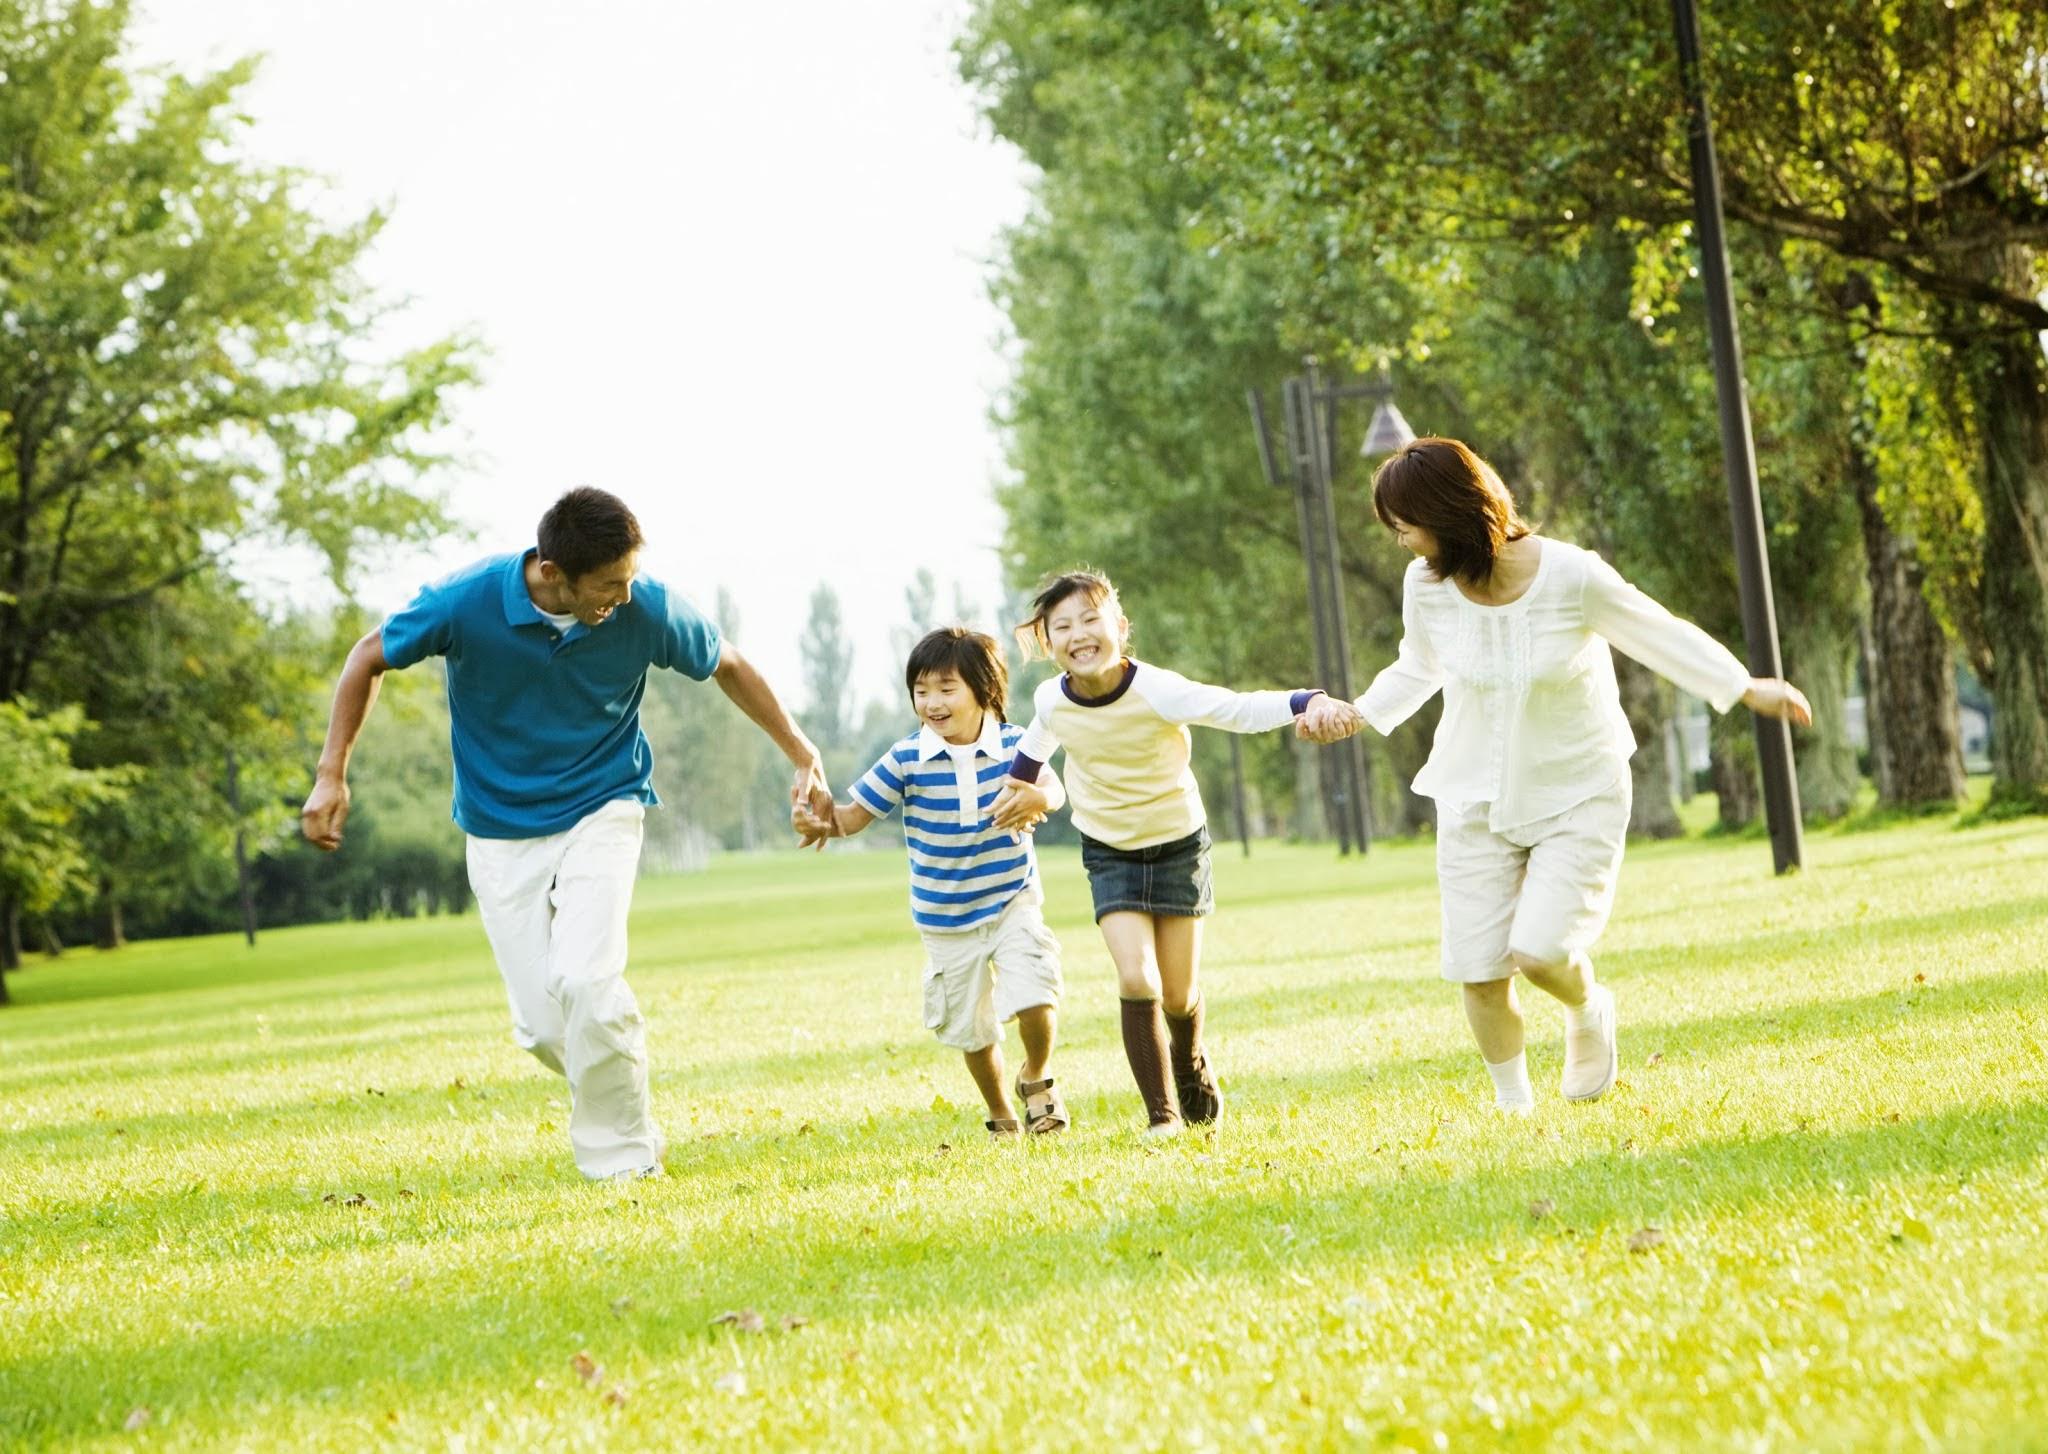 Ảnh gia đình cùng nhau chạy trên bãi cỏ